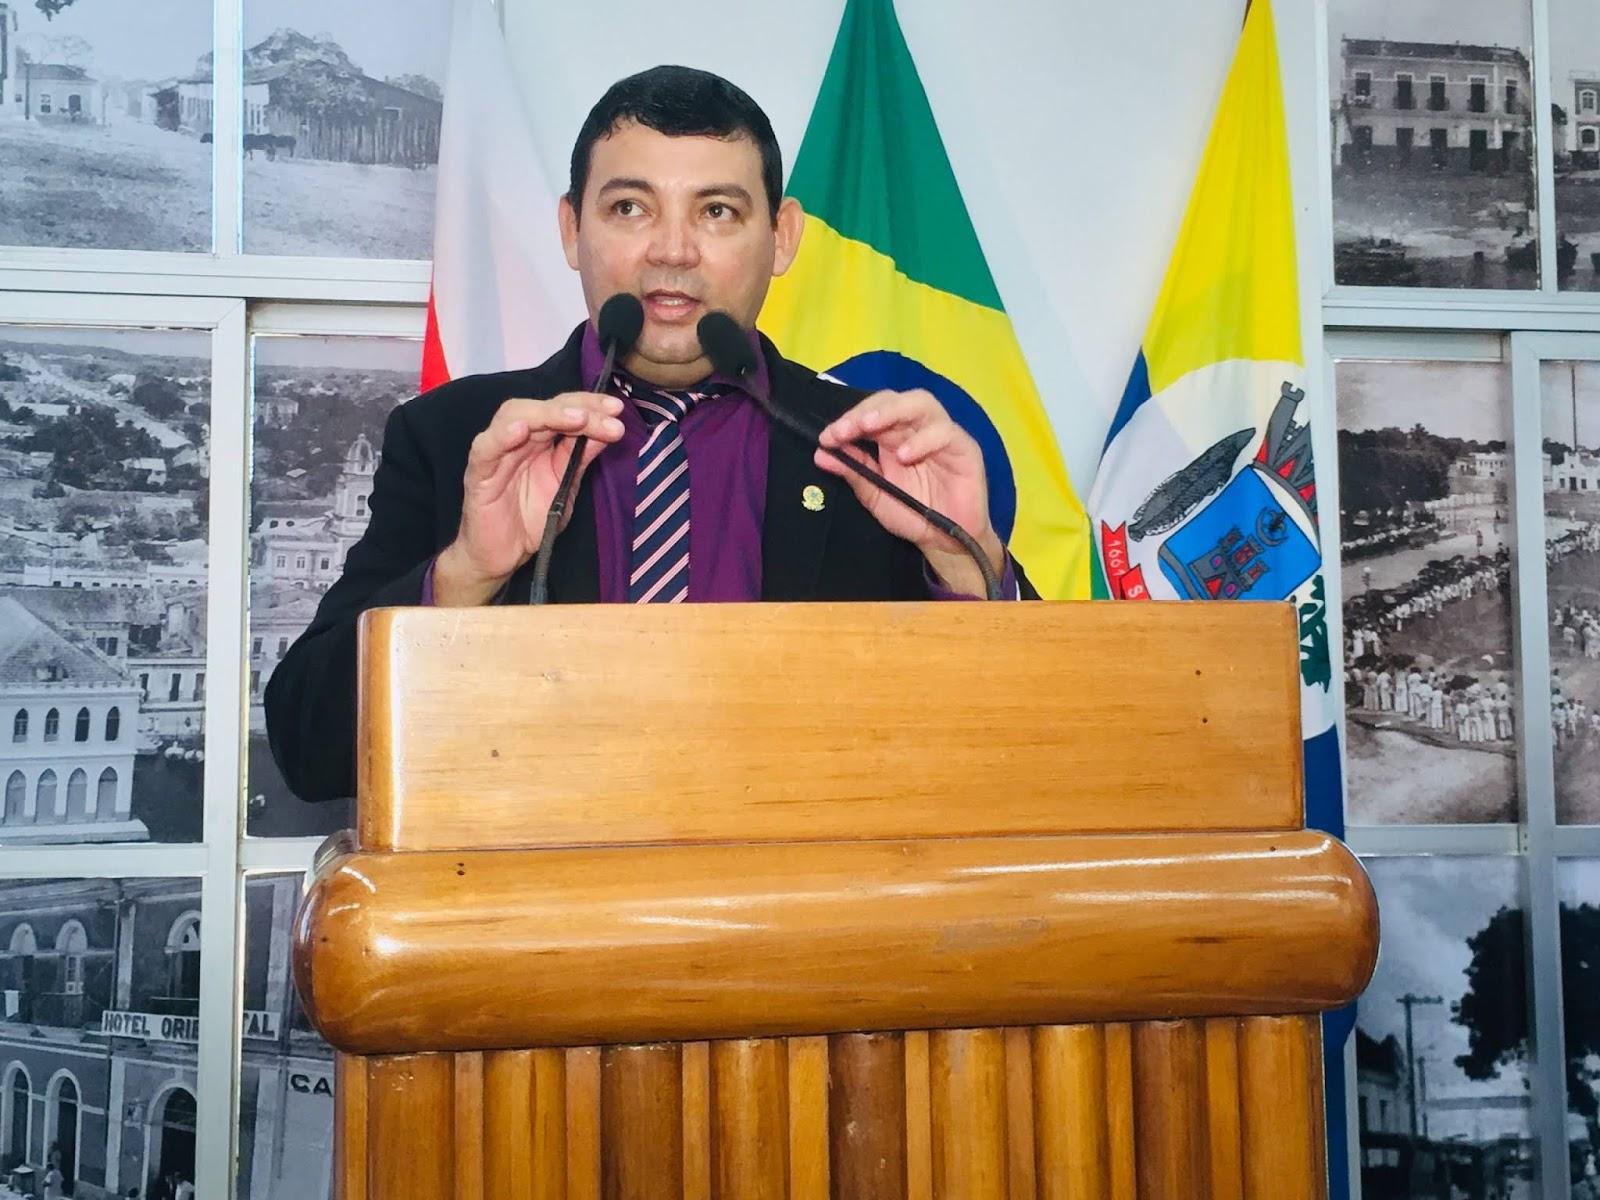 Campeão de votos da Câmara de Santarém trocou o PSDB pelo DEM